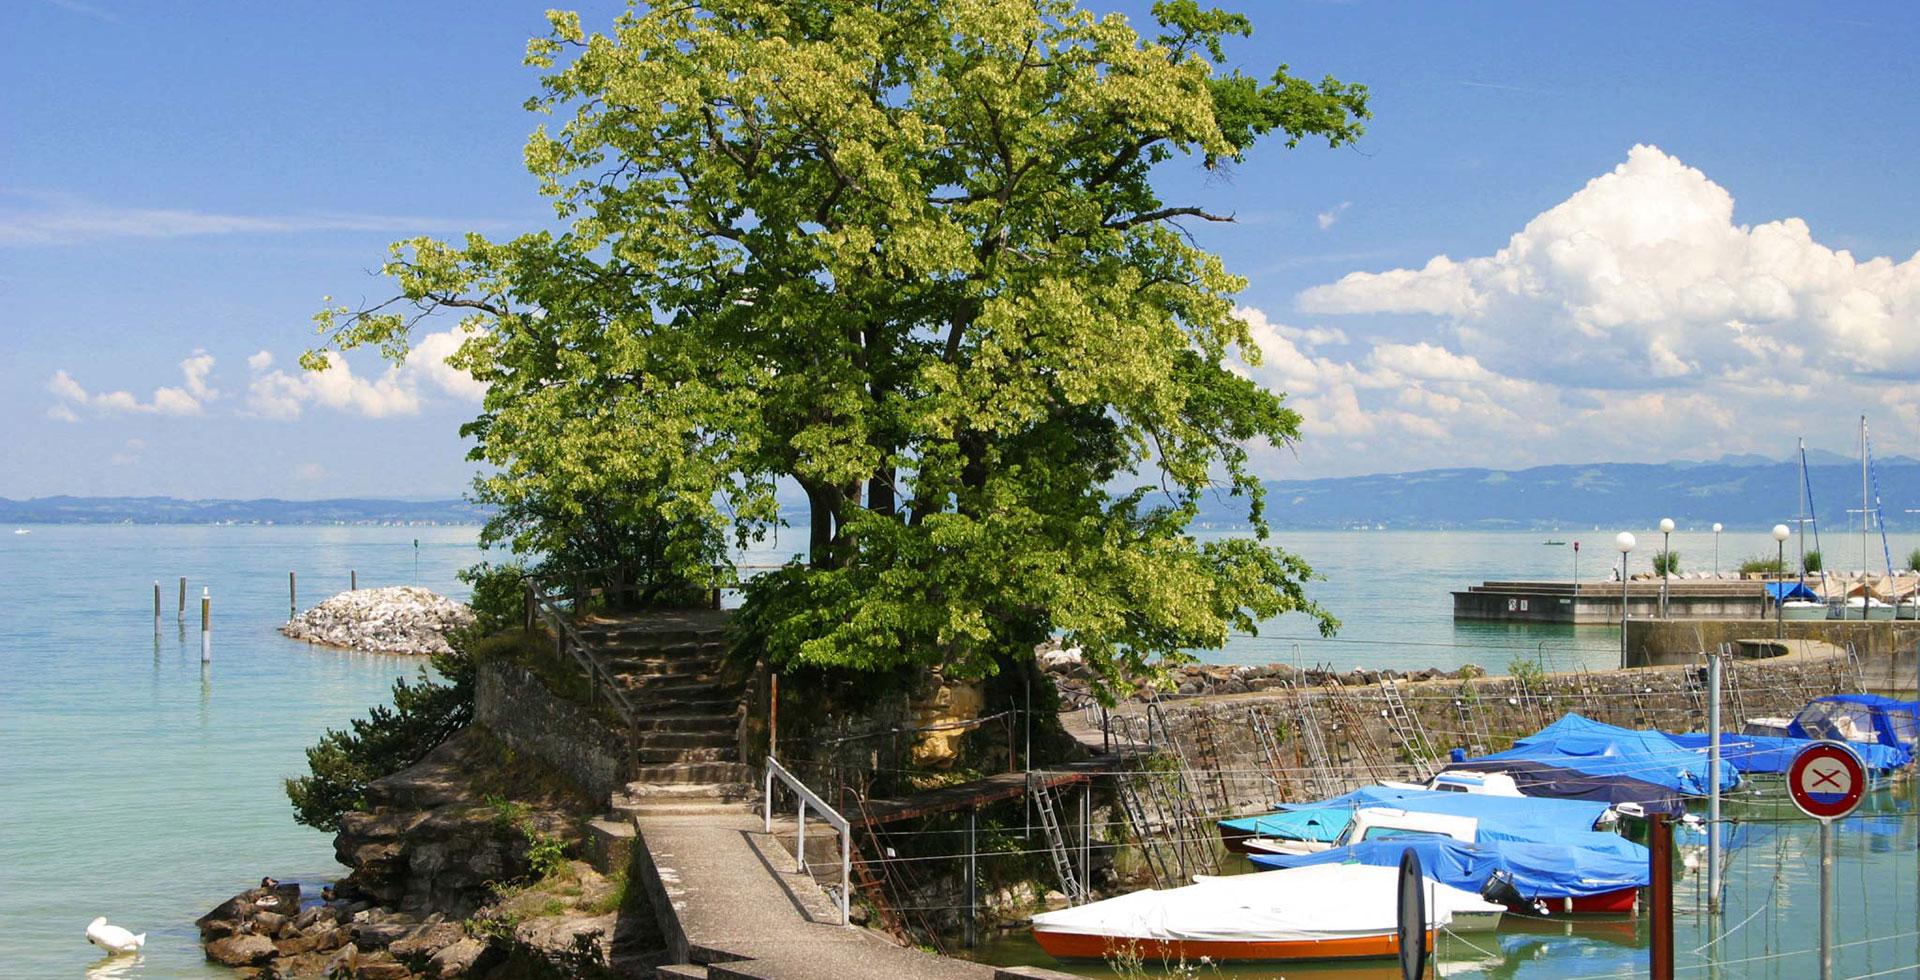 Slide-Inseli-Romanshorn-Park-Hotel-Inseli-IMG_2306-1920-980